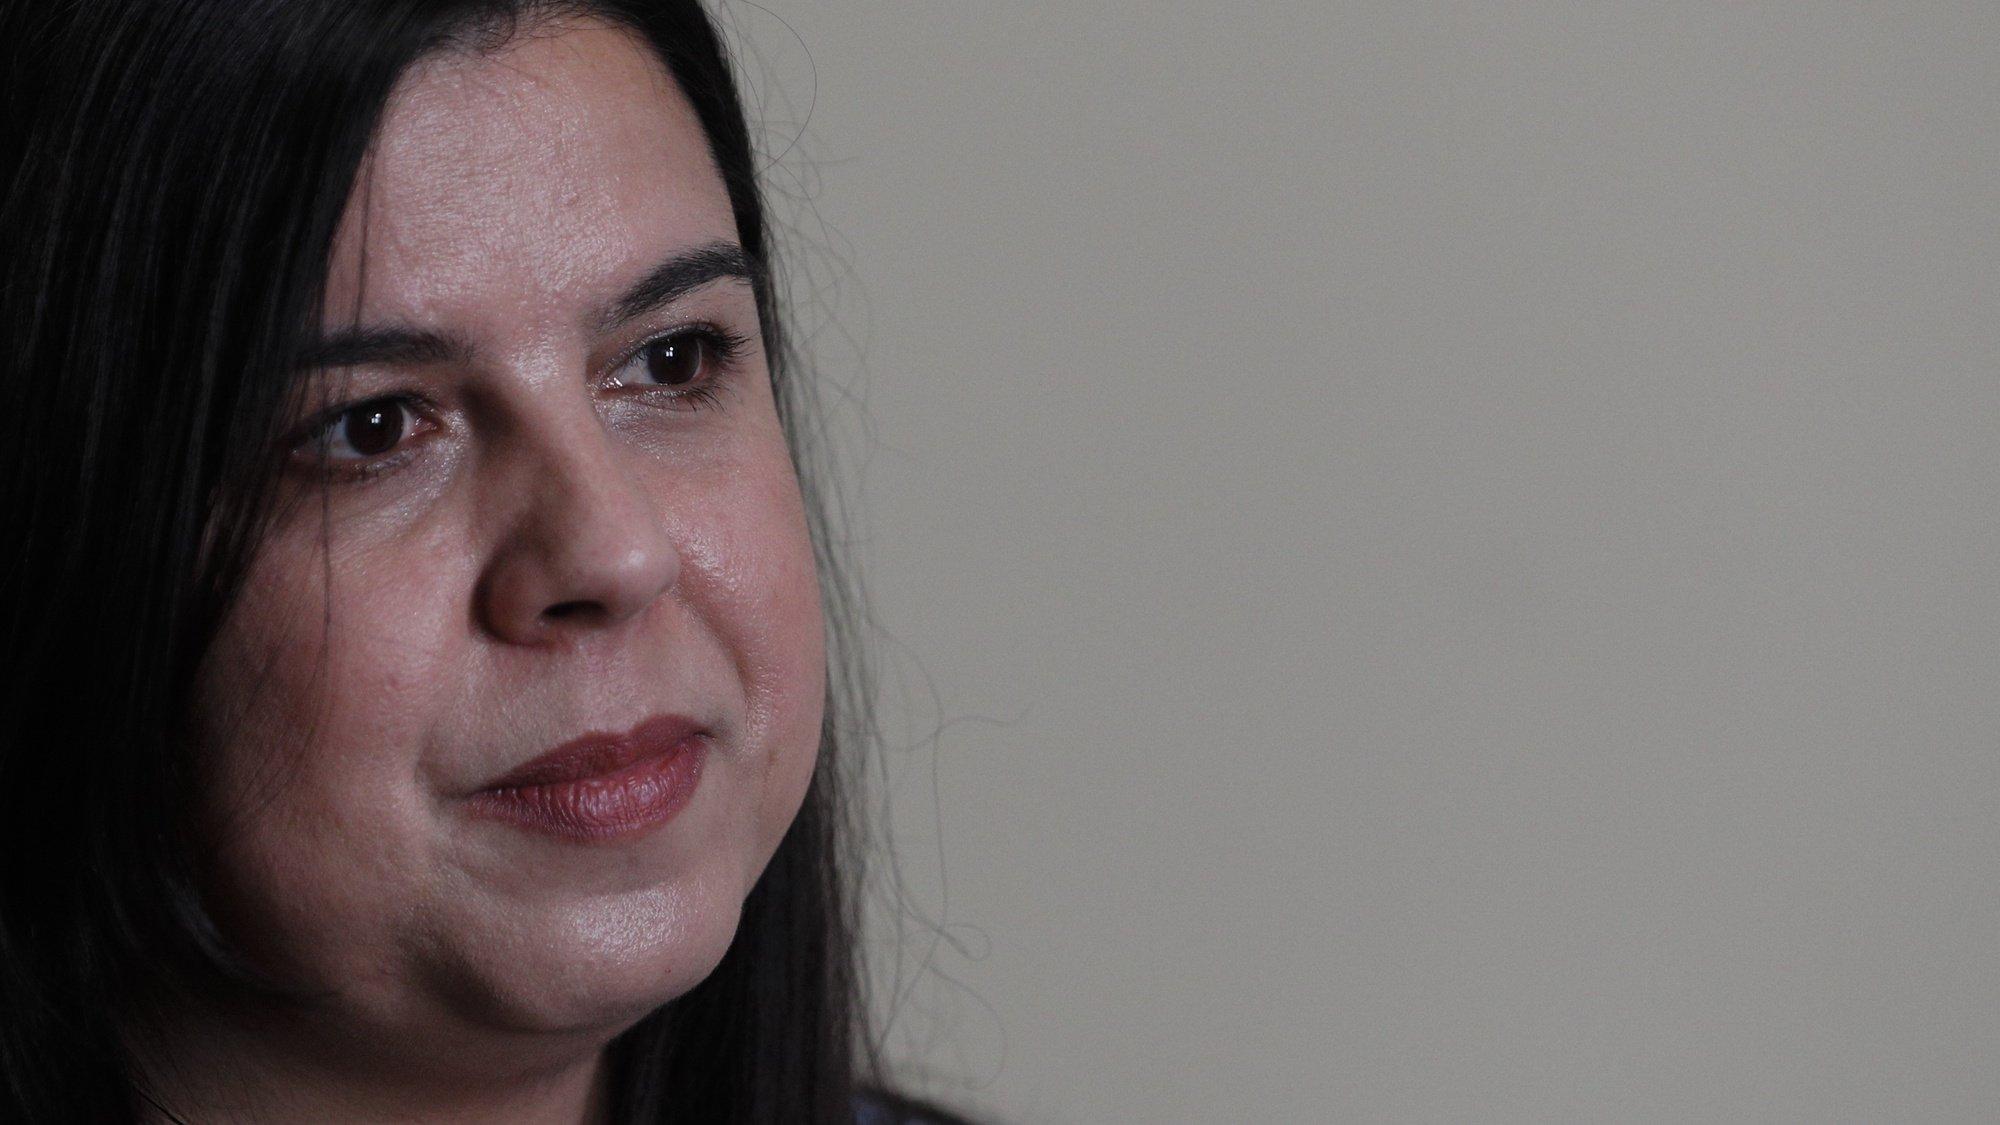 A deputada e porta-voz do partido Pessoas, Animais e Natureza( PAN), Inês Sousa Real, durante a entrevista à Agência Lusa, em Lisboa, 02 de julho de 2021. (ACOMPANHA TEXTO DO DIA 04 DE JULHO DE 2021) ANTÓNIO COTRIM/LUSA